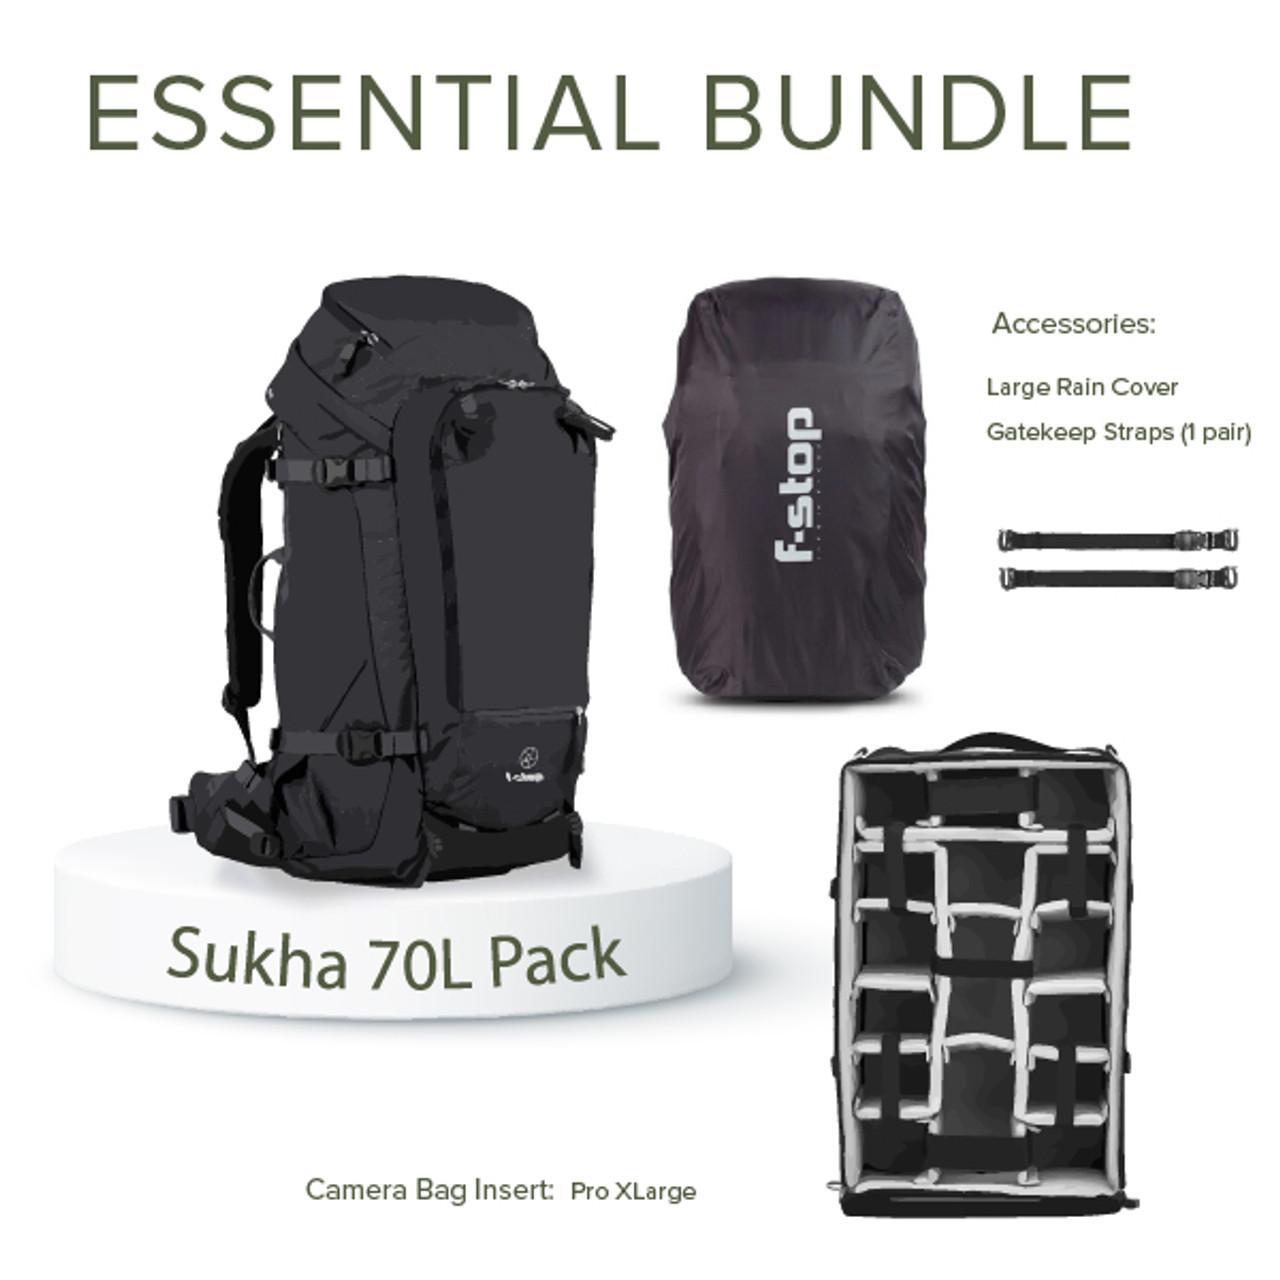 SUKHA - 70 Liter Backpack Essentials Bundle